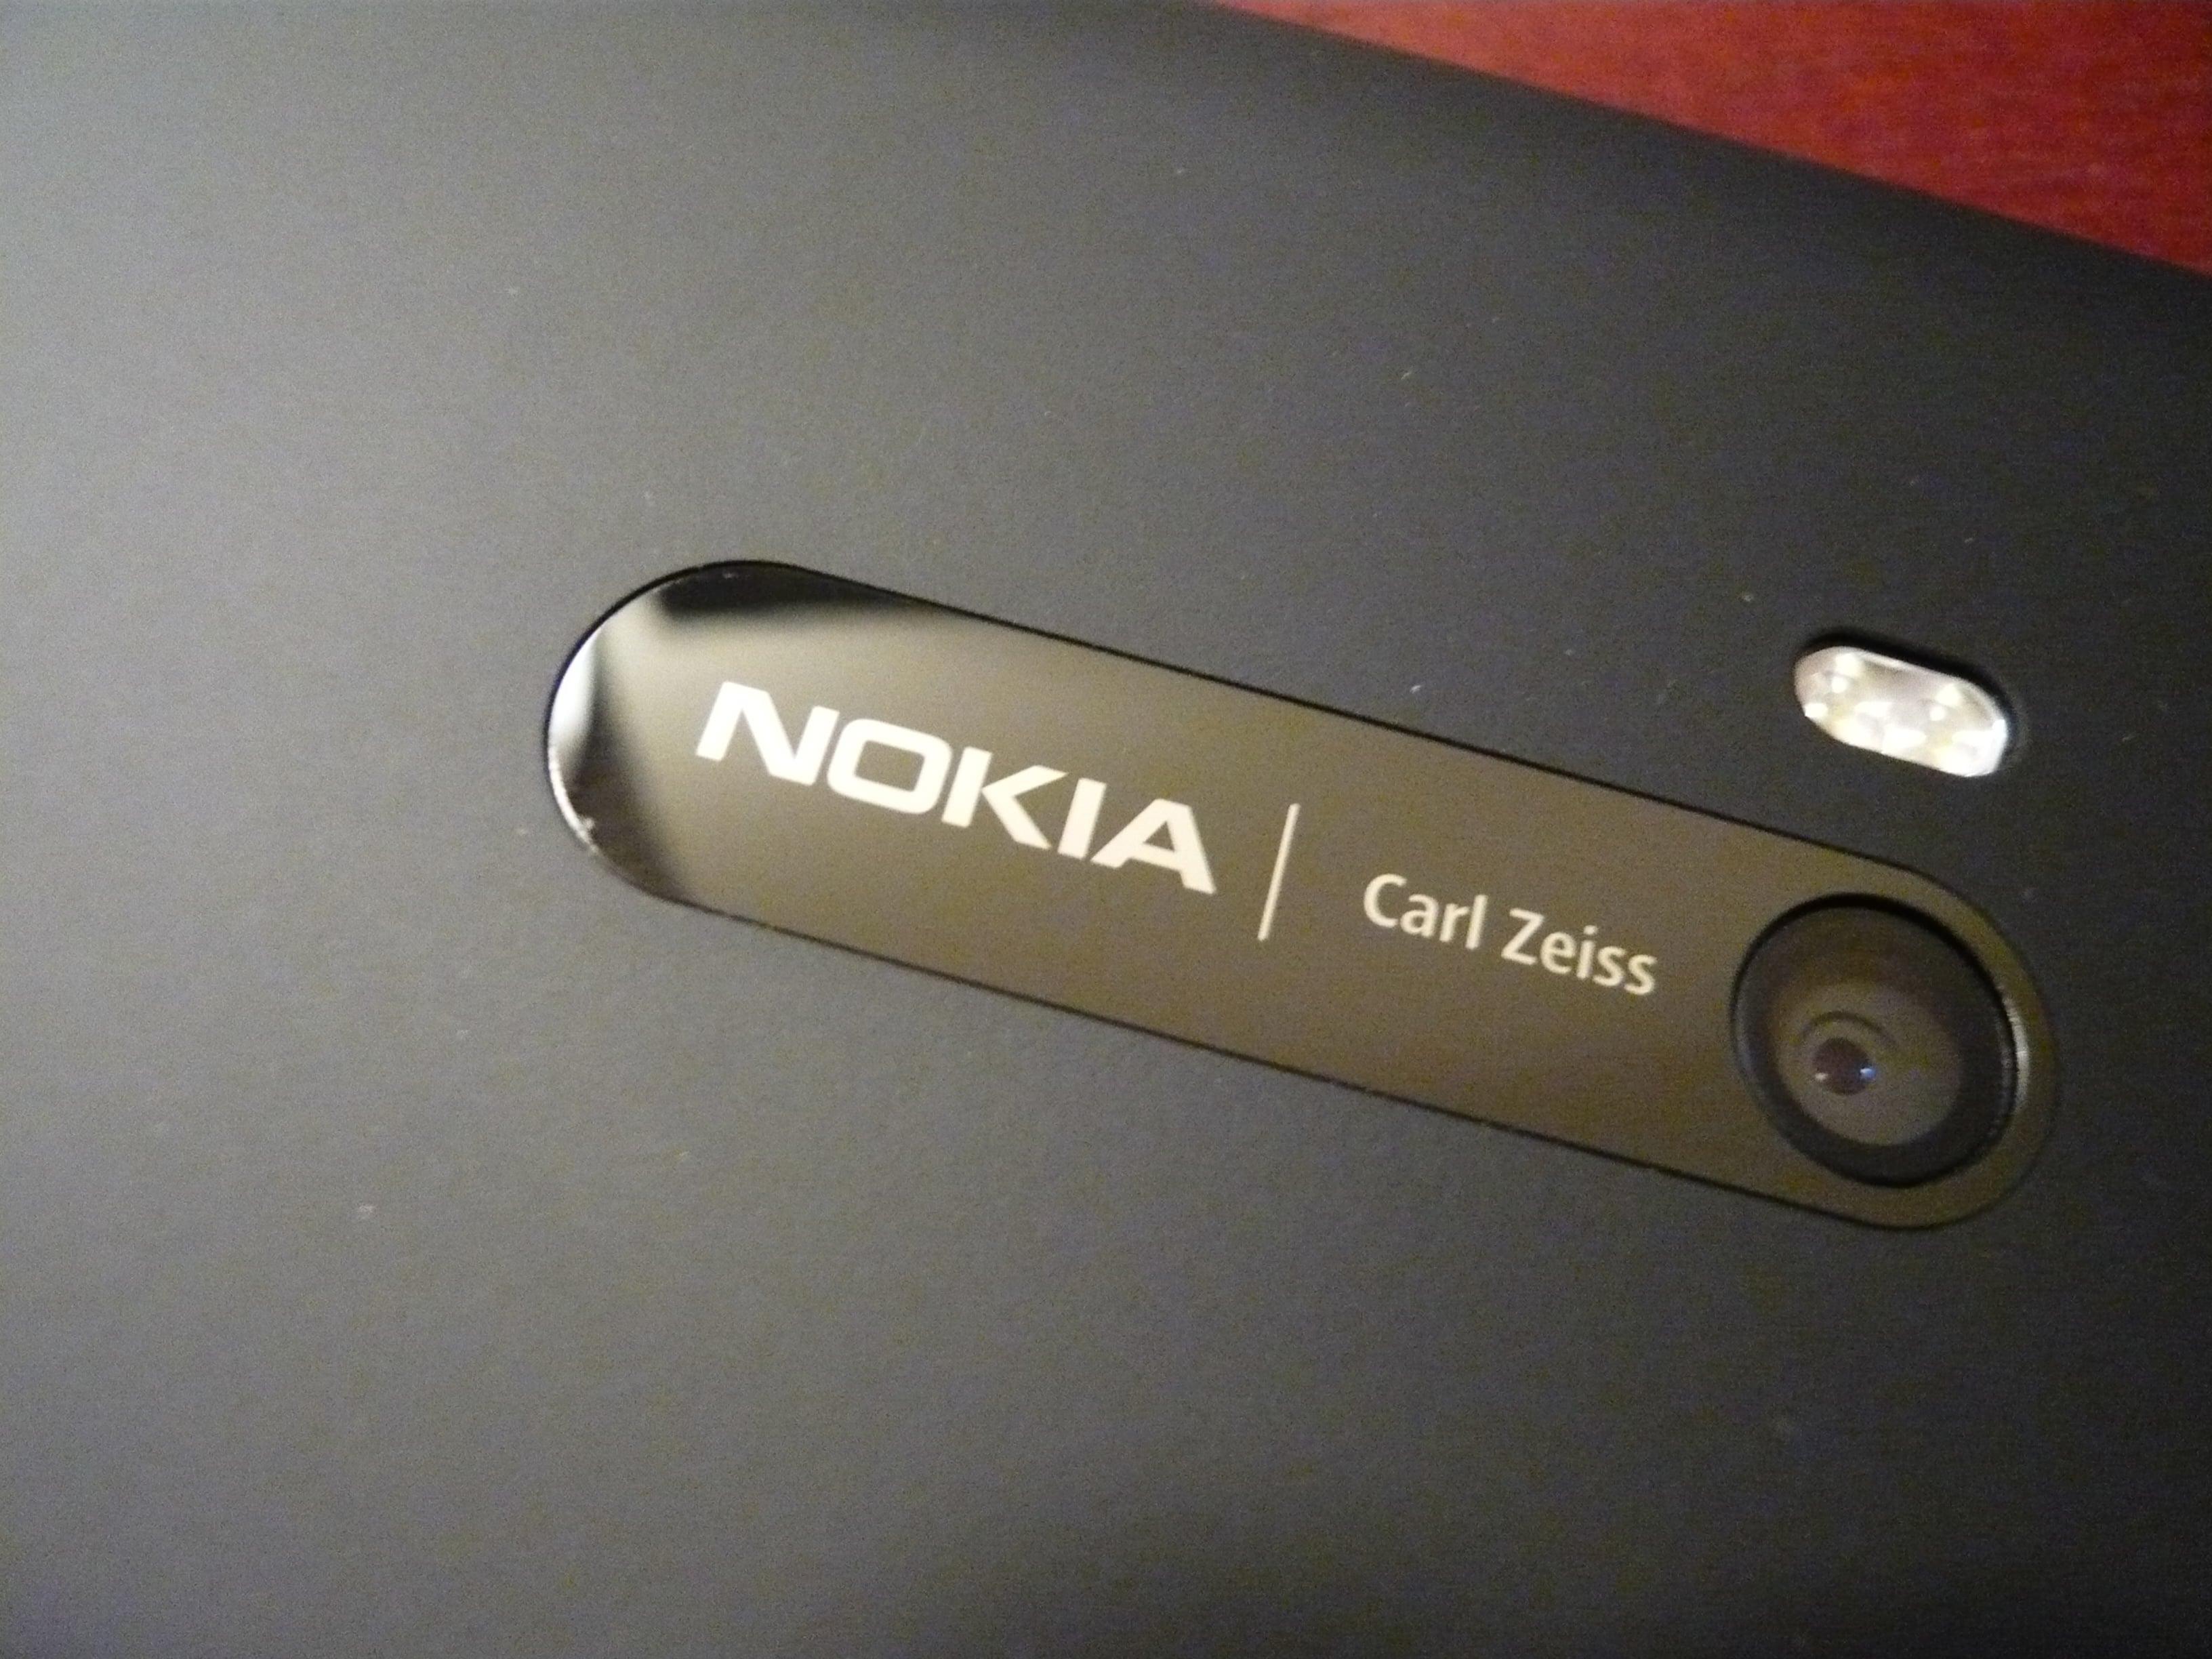 Uwaga, uwaga! Powrócą smartfony Nokii z optyką Carl Zeiss! 18